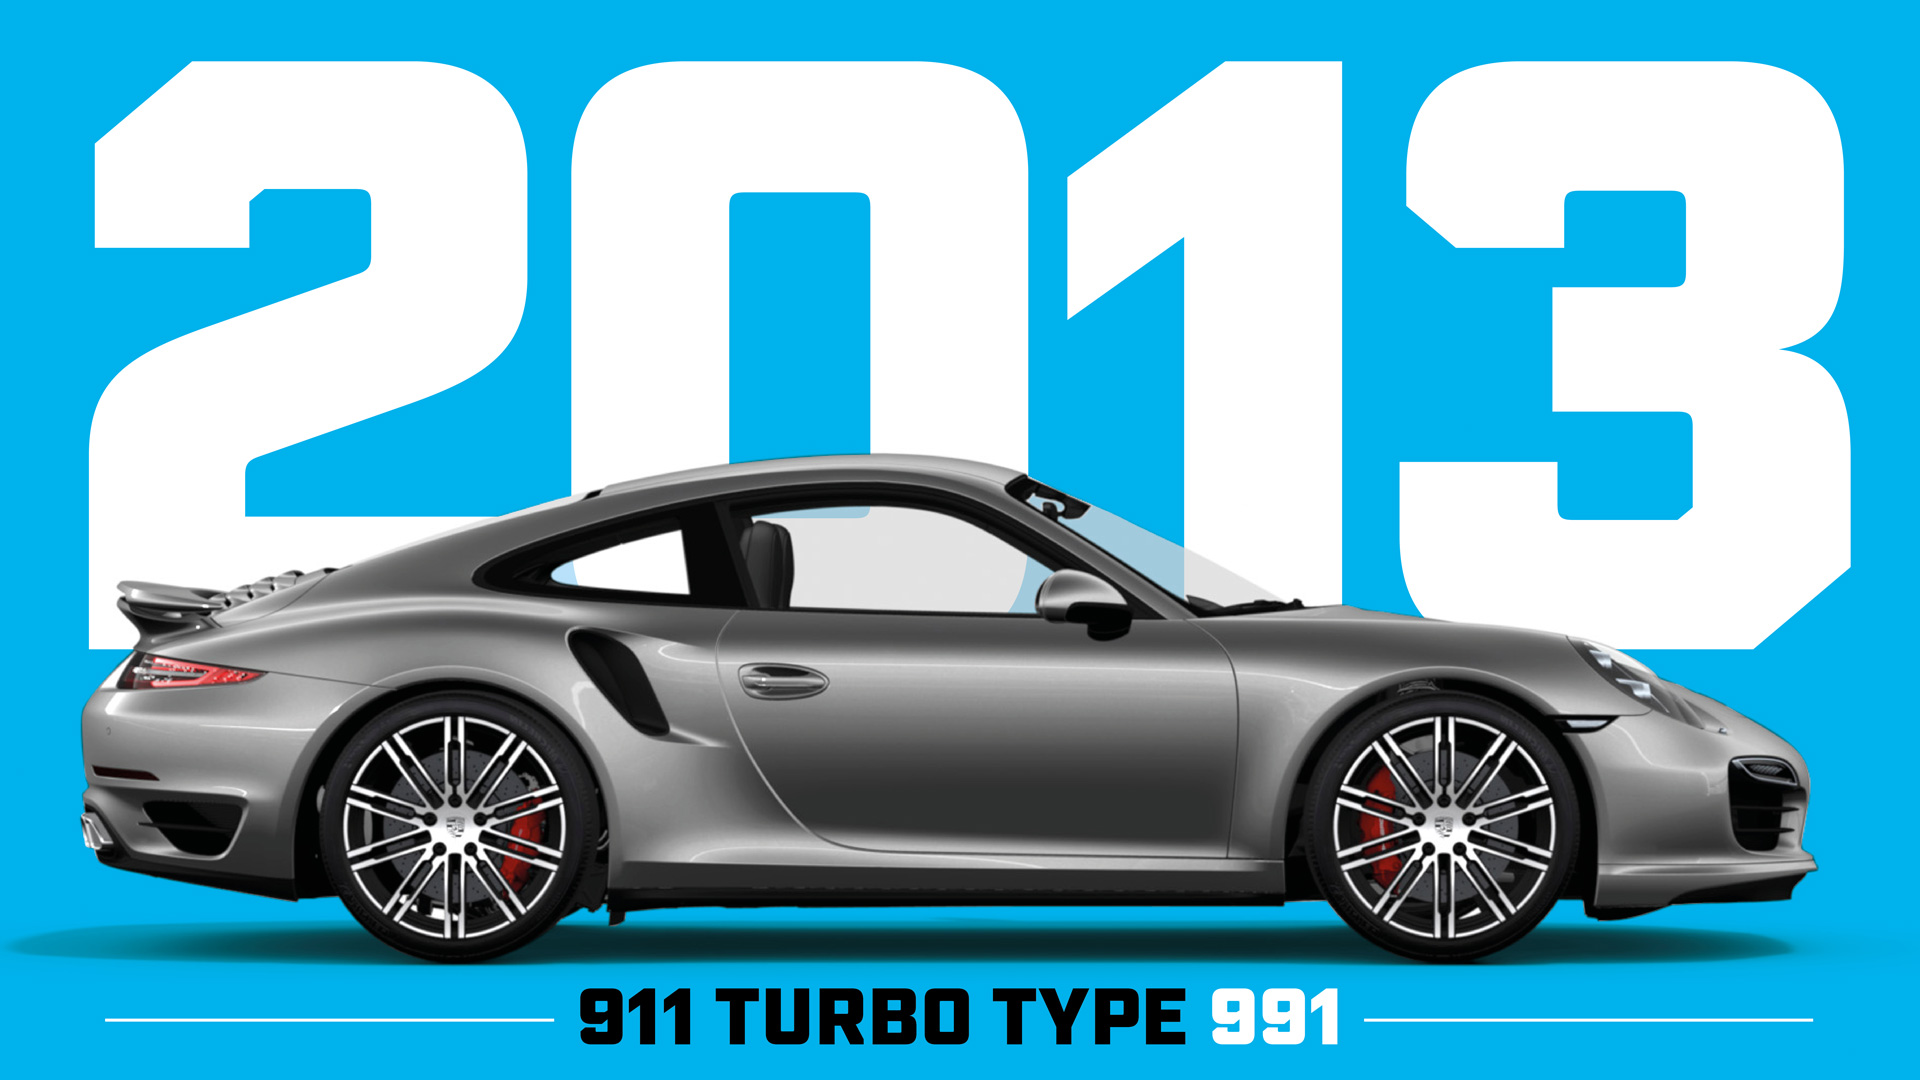 Saga-Porsche-911-Turbo-991